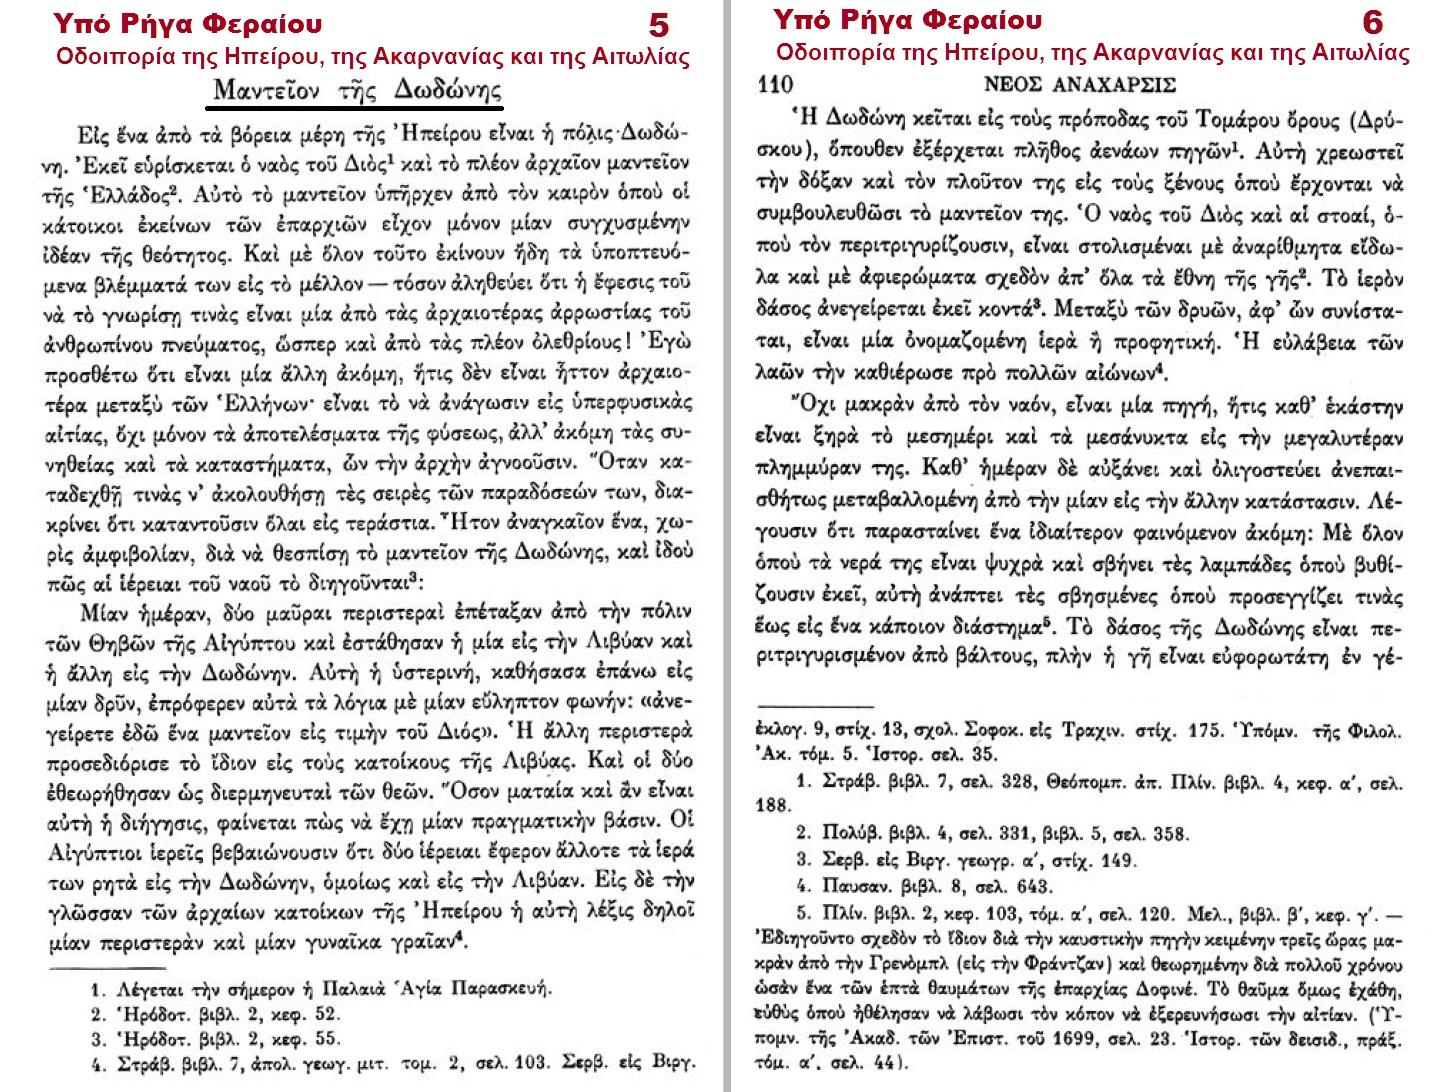 ΟΔΟΙΠΟΡΙΑ ΤΗΣ ΗΠΕΙΡΟΥ ΤΗΣ ΑΚΑΡΝΑΝΙΑΣ ΚΑΙ ΤΗΣ ΑΙΤΩΛΙΑΣ 5-6